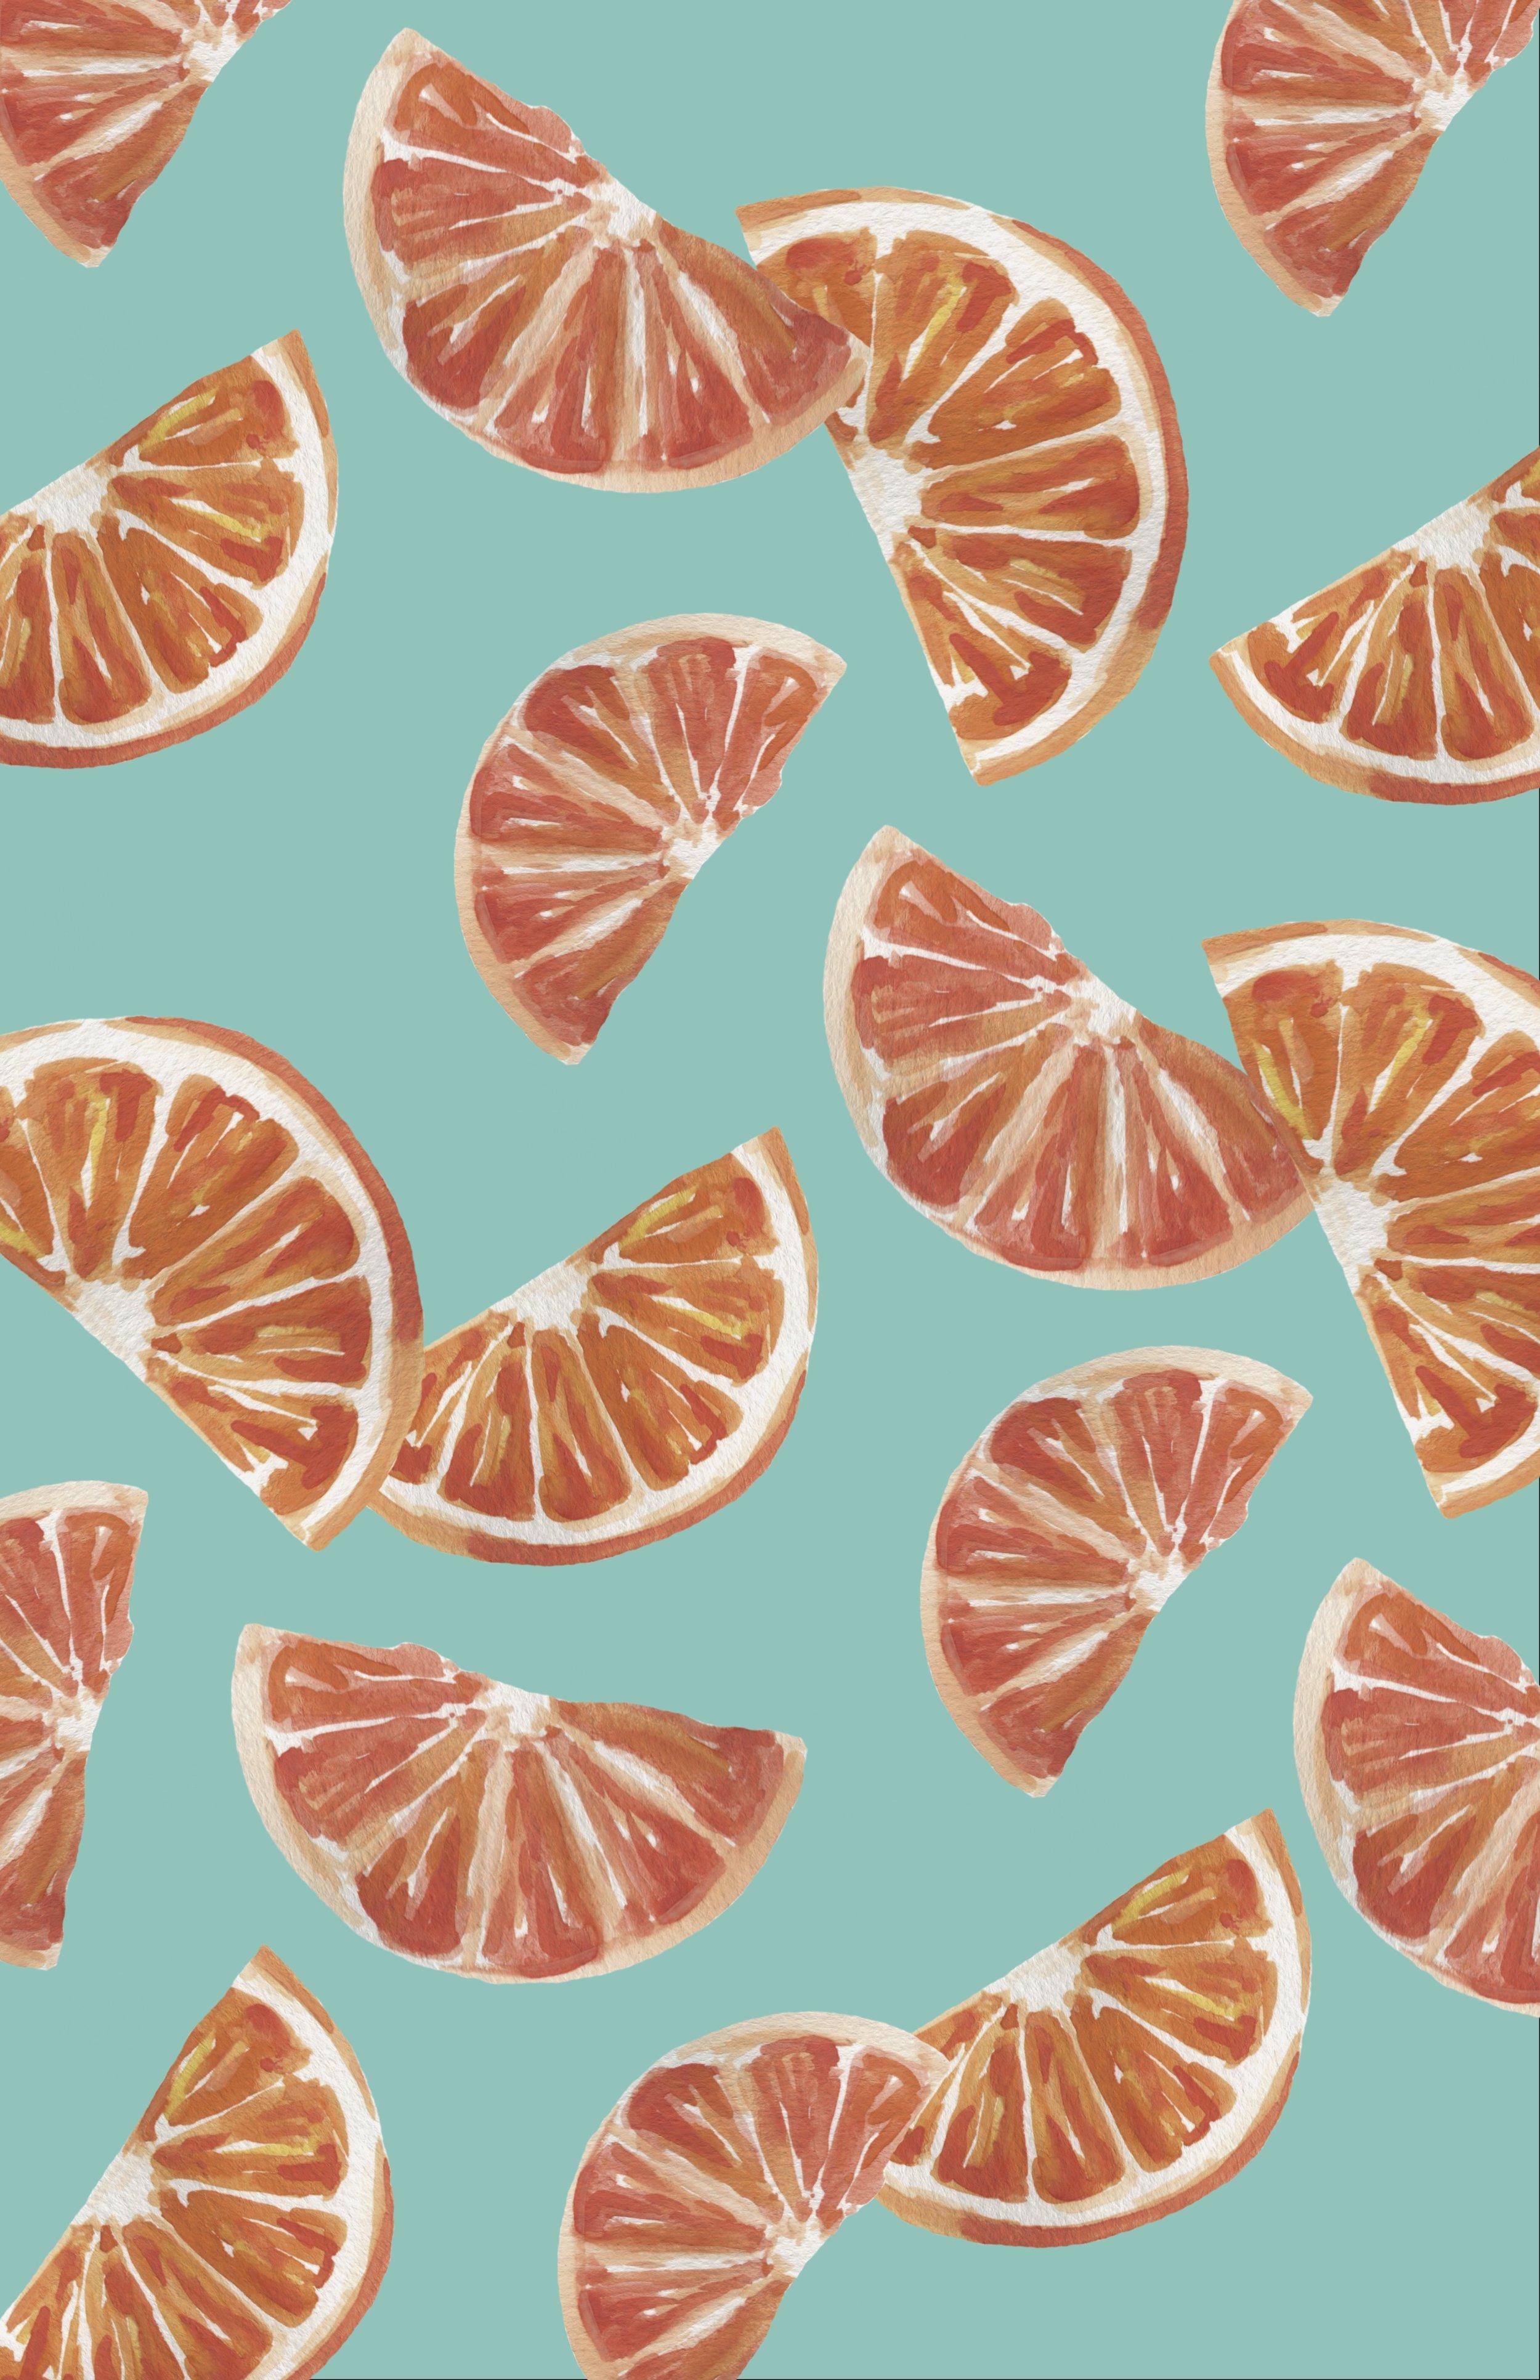 teal orange1.jpg